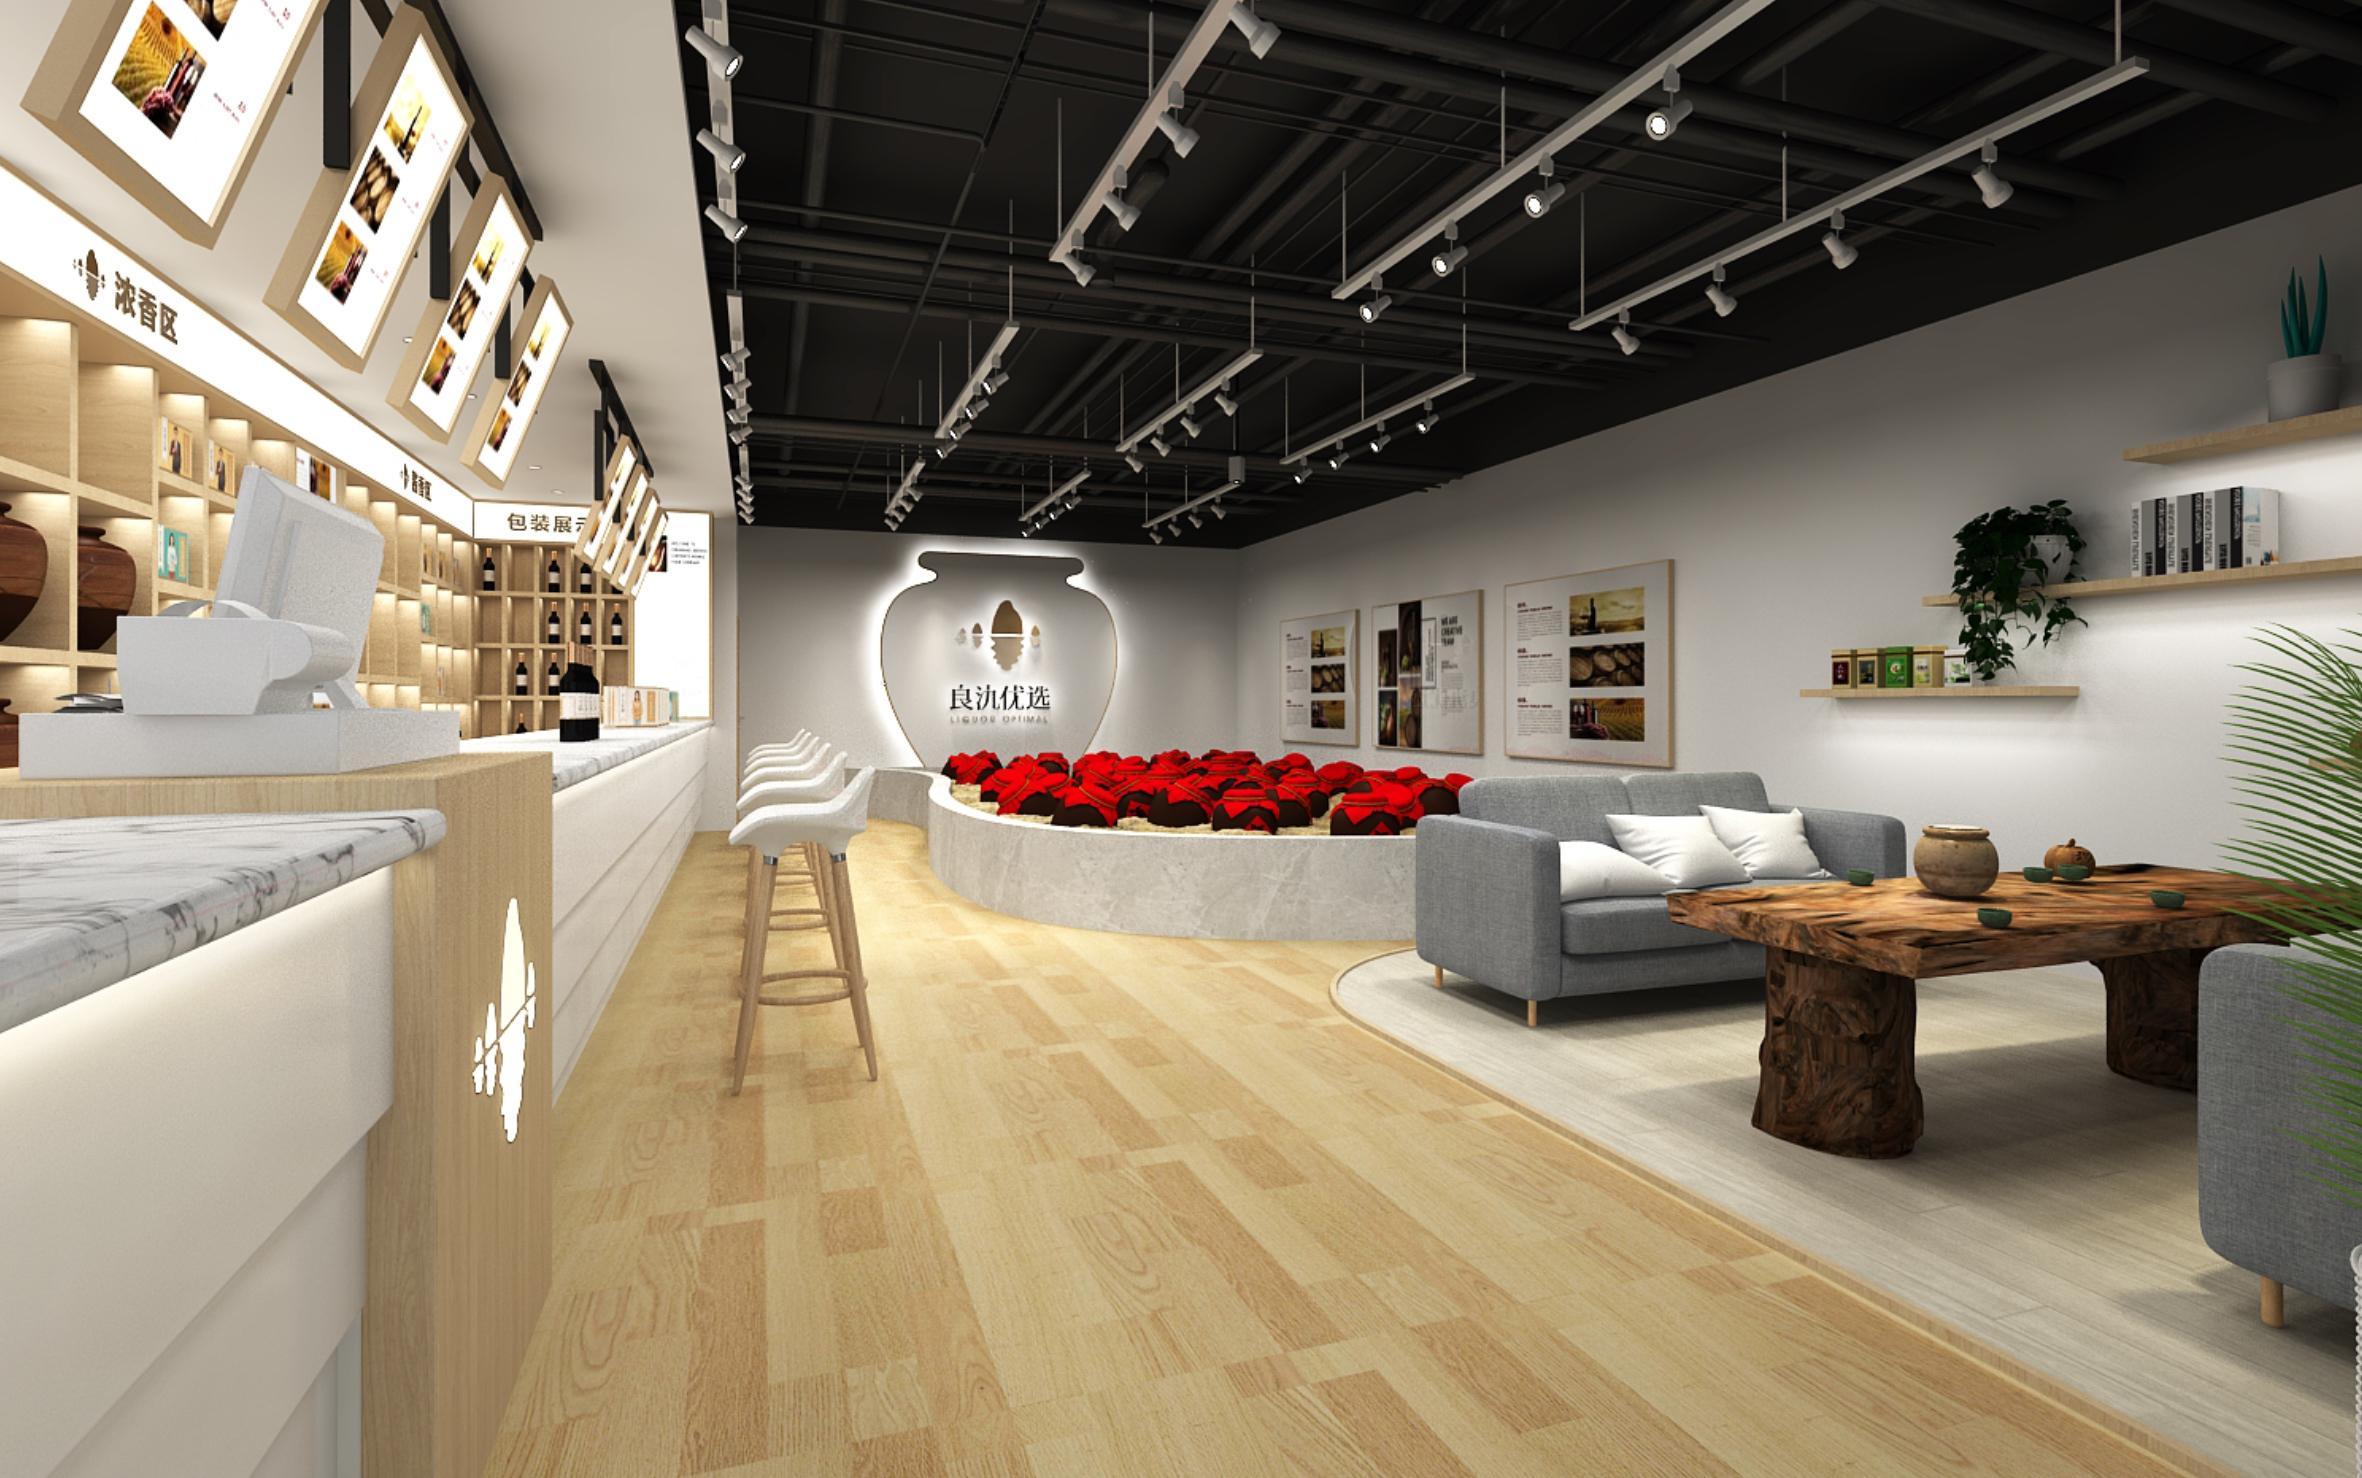 【墨家】室内设计.店铺设计.效果图制作清吧设计.咖啡厅设计.